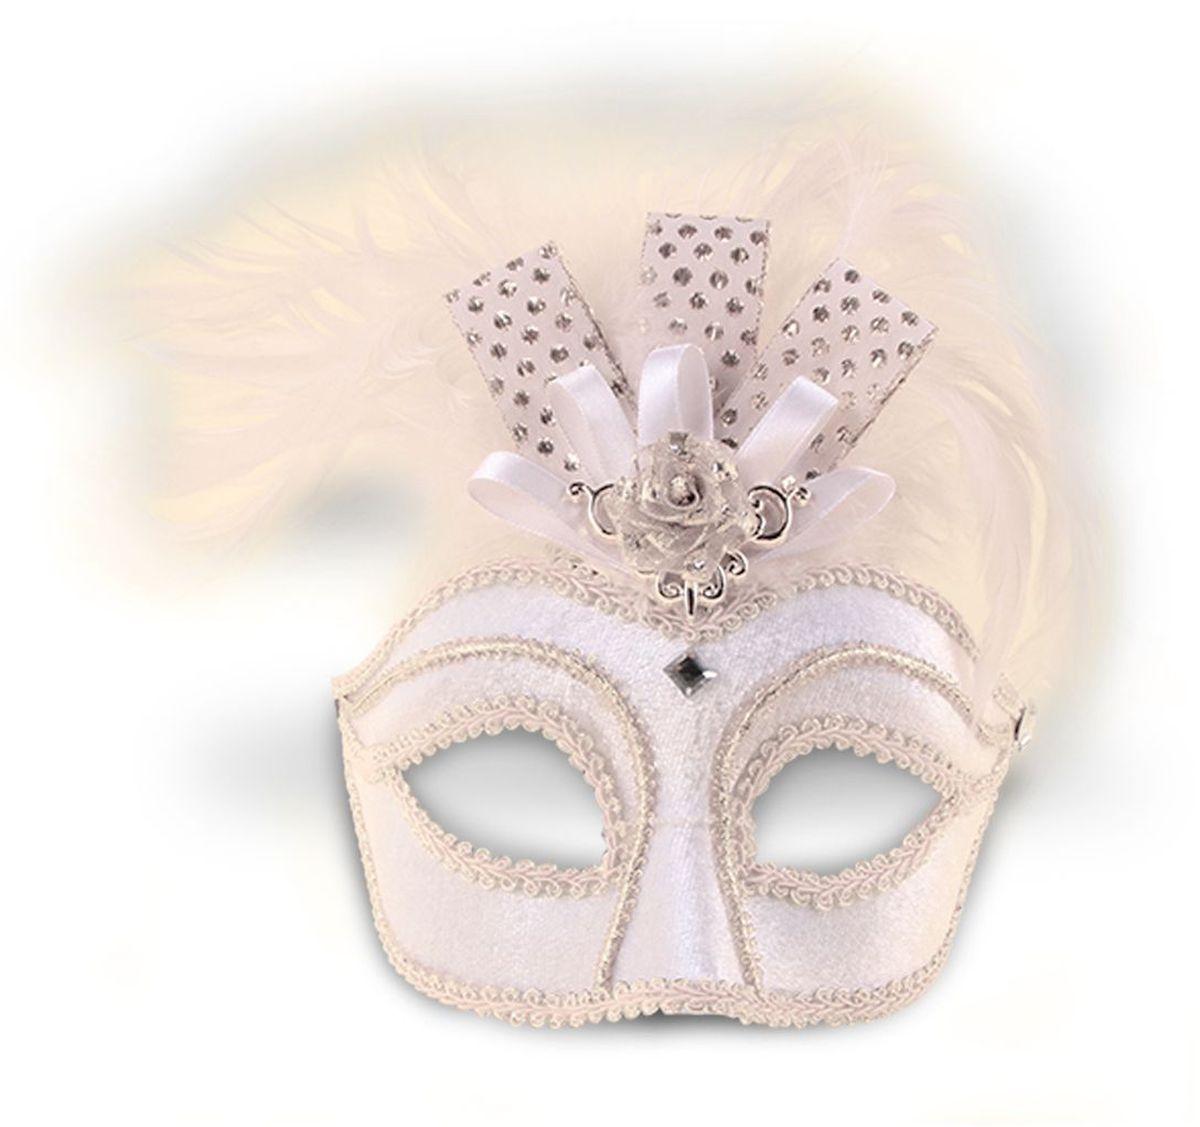 Partymania Маска для карнавала Венеция T1209 цвет белая